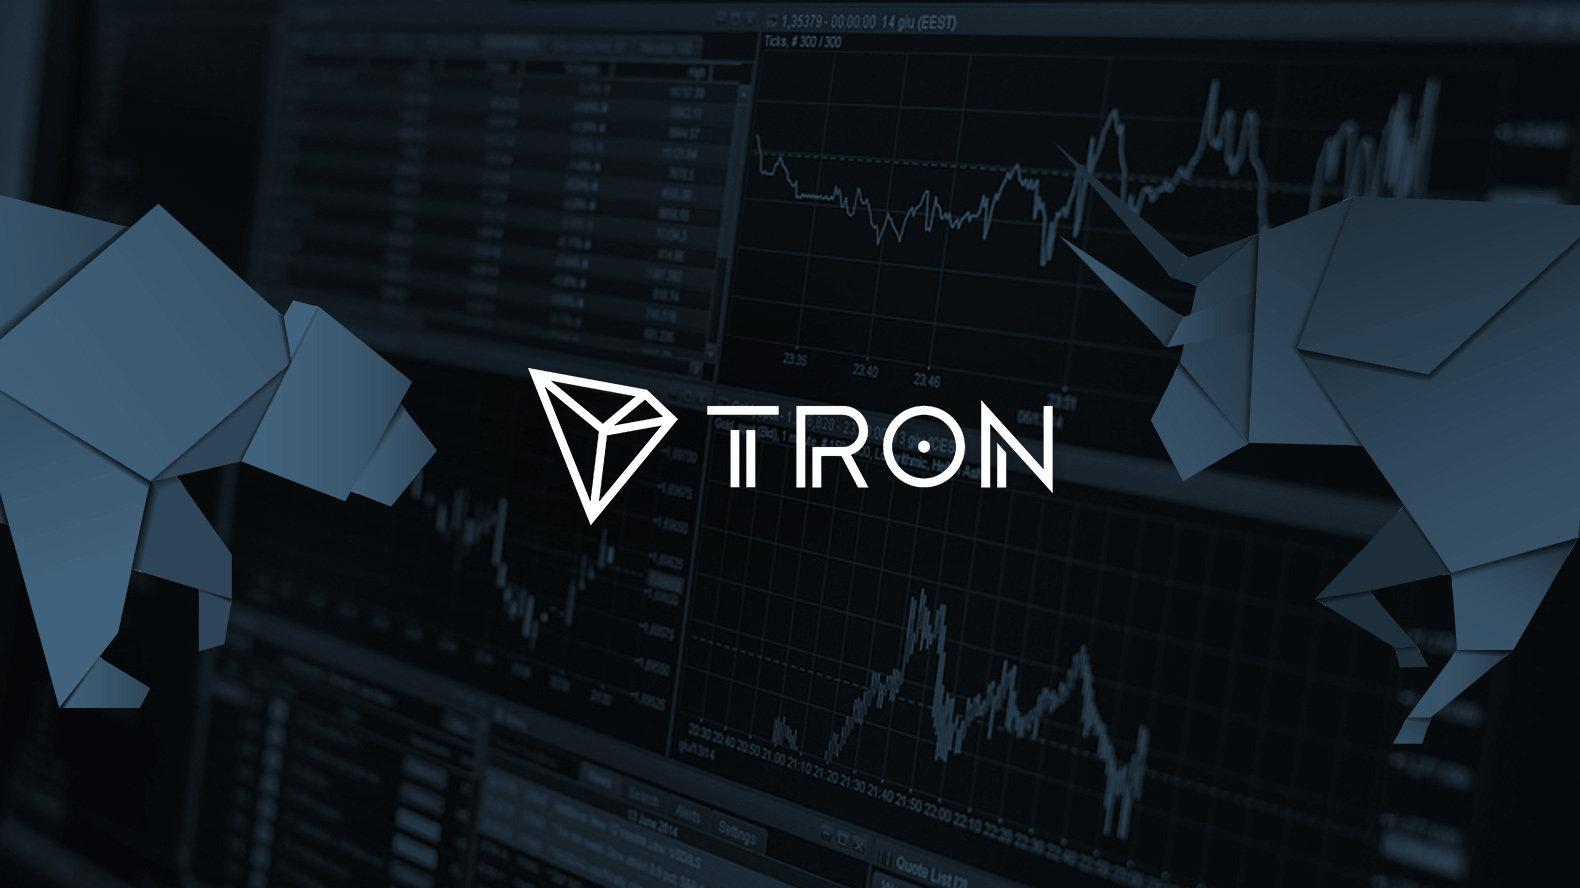 Tron (TRX) Büyük Devrimlerin Eşiğinde